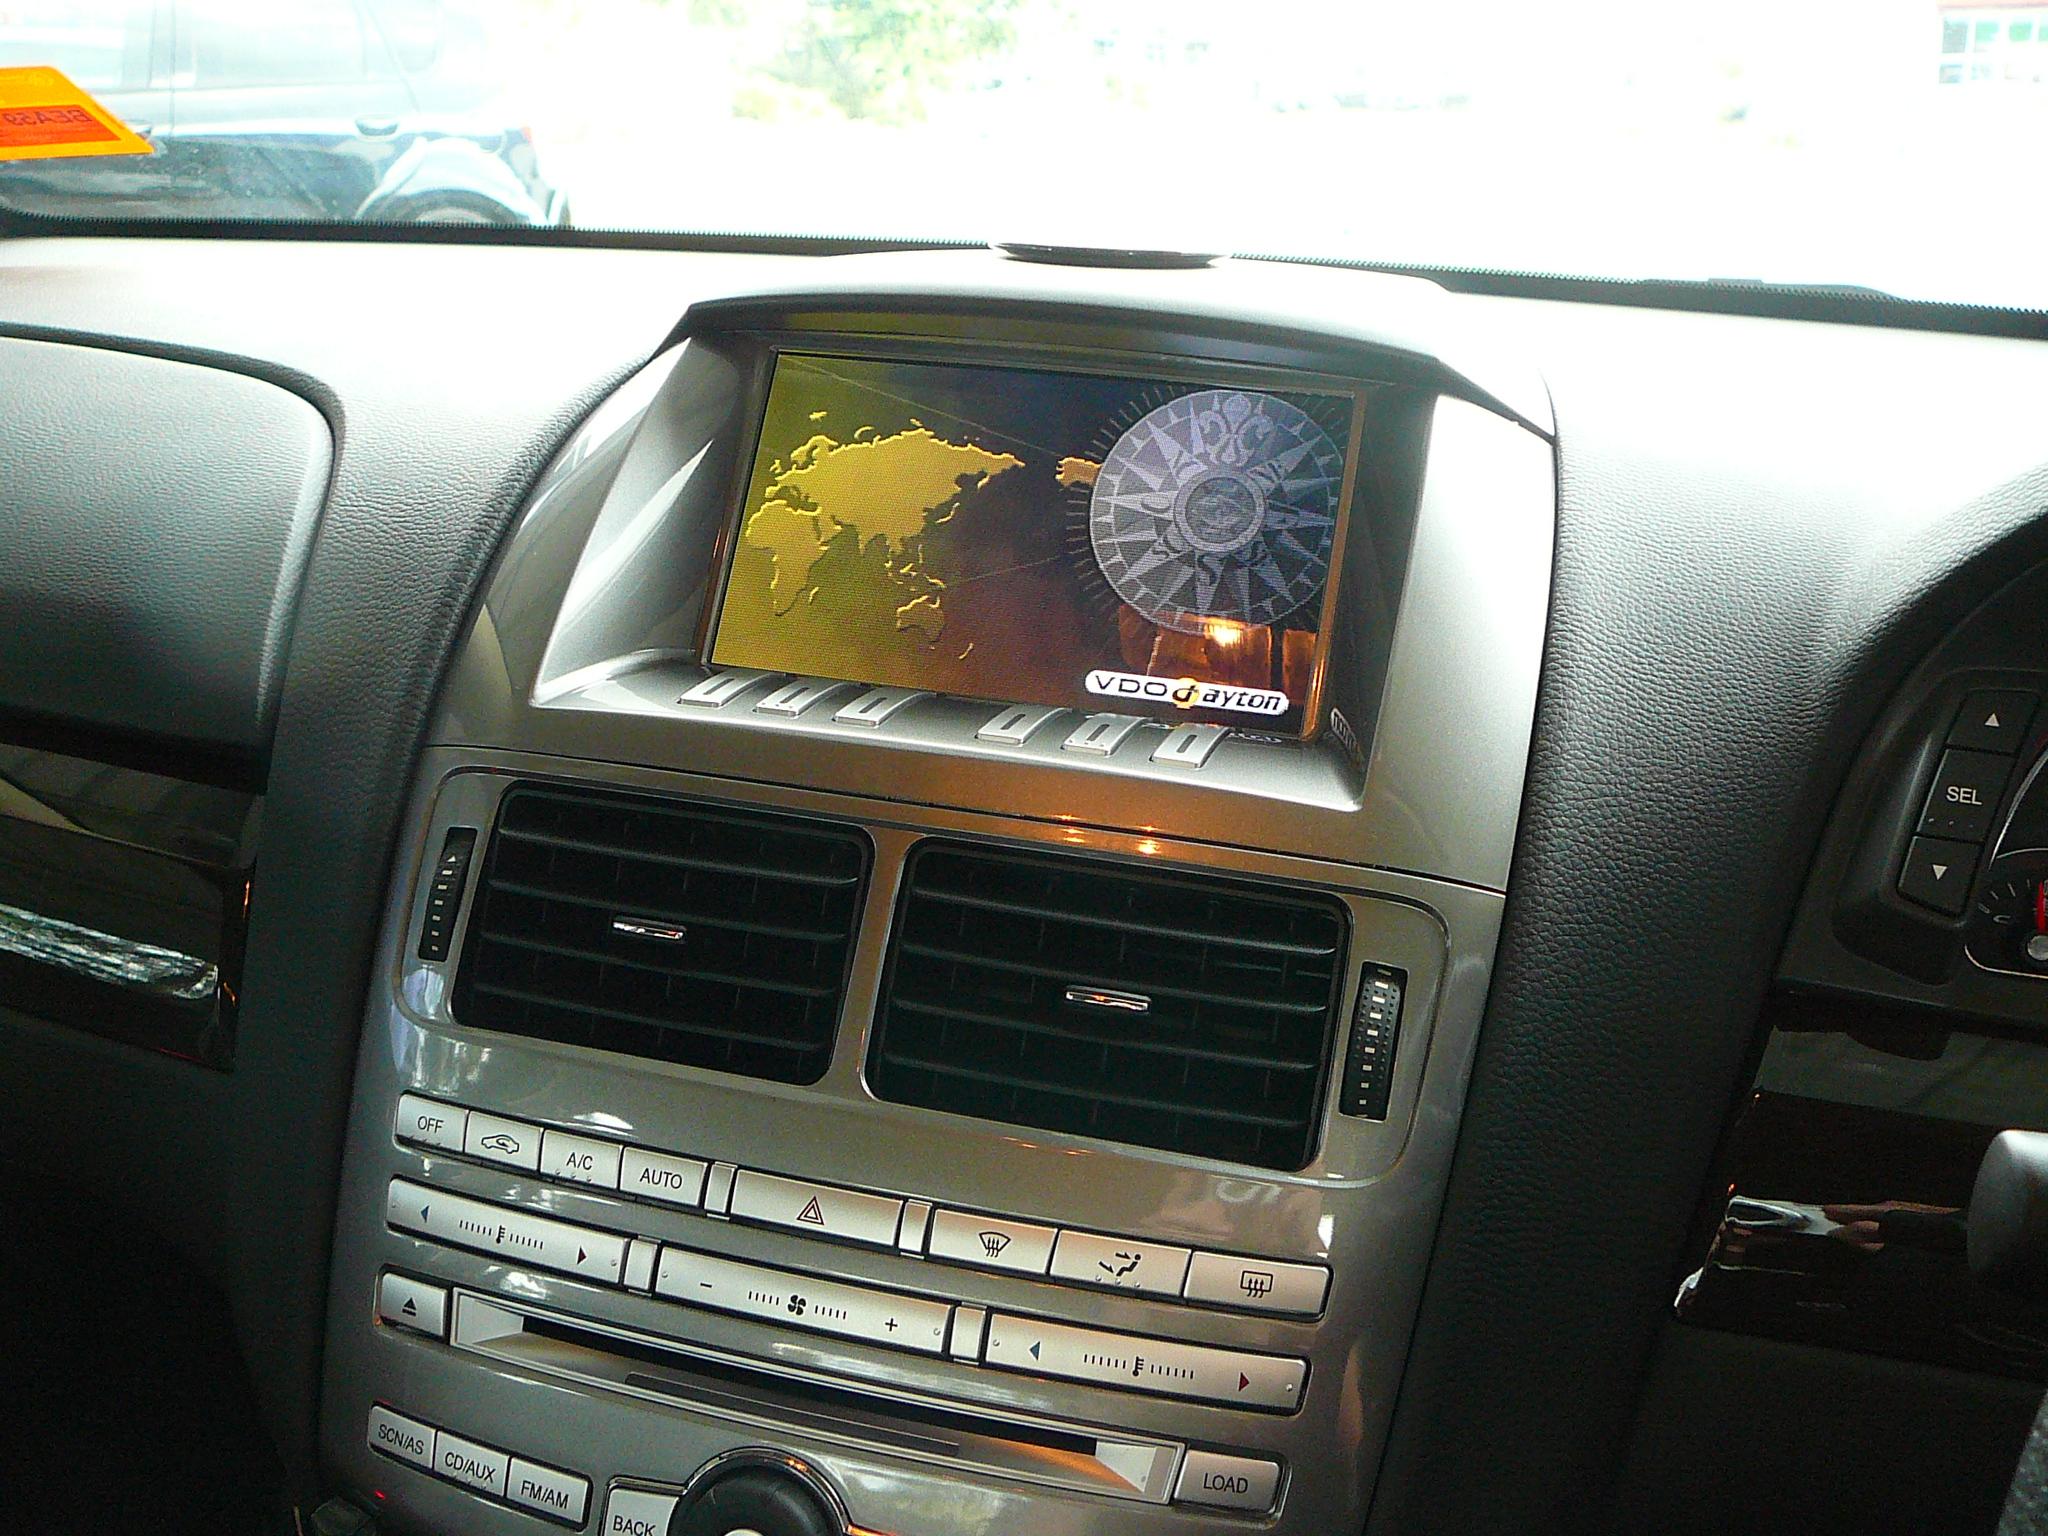 Ford Falcon F6E 2010, VDO MS5200FG GPS Navigation